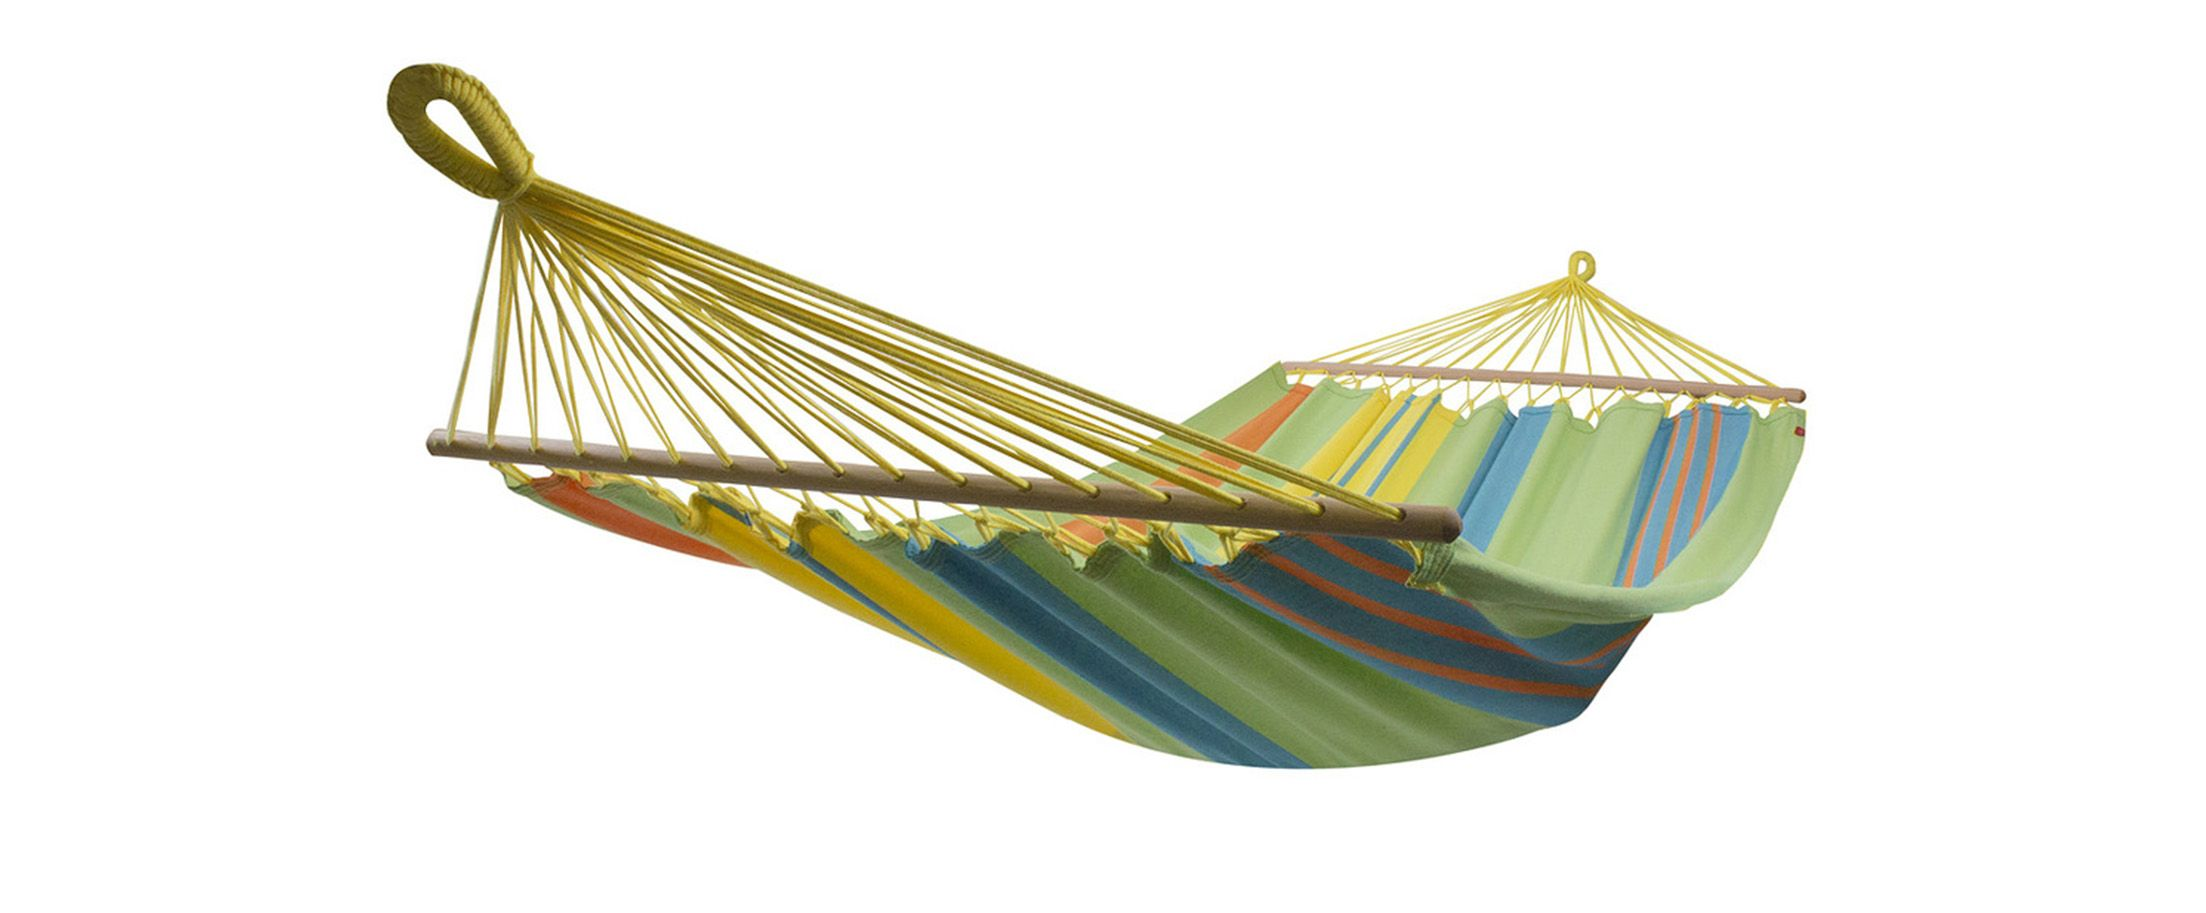 Двухместный гамак с перекладинами Milli tropic Модель 576Двухместный гамак с перекладинами Milli tropic Модель 576. Артикул С000101<br>